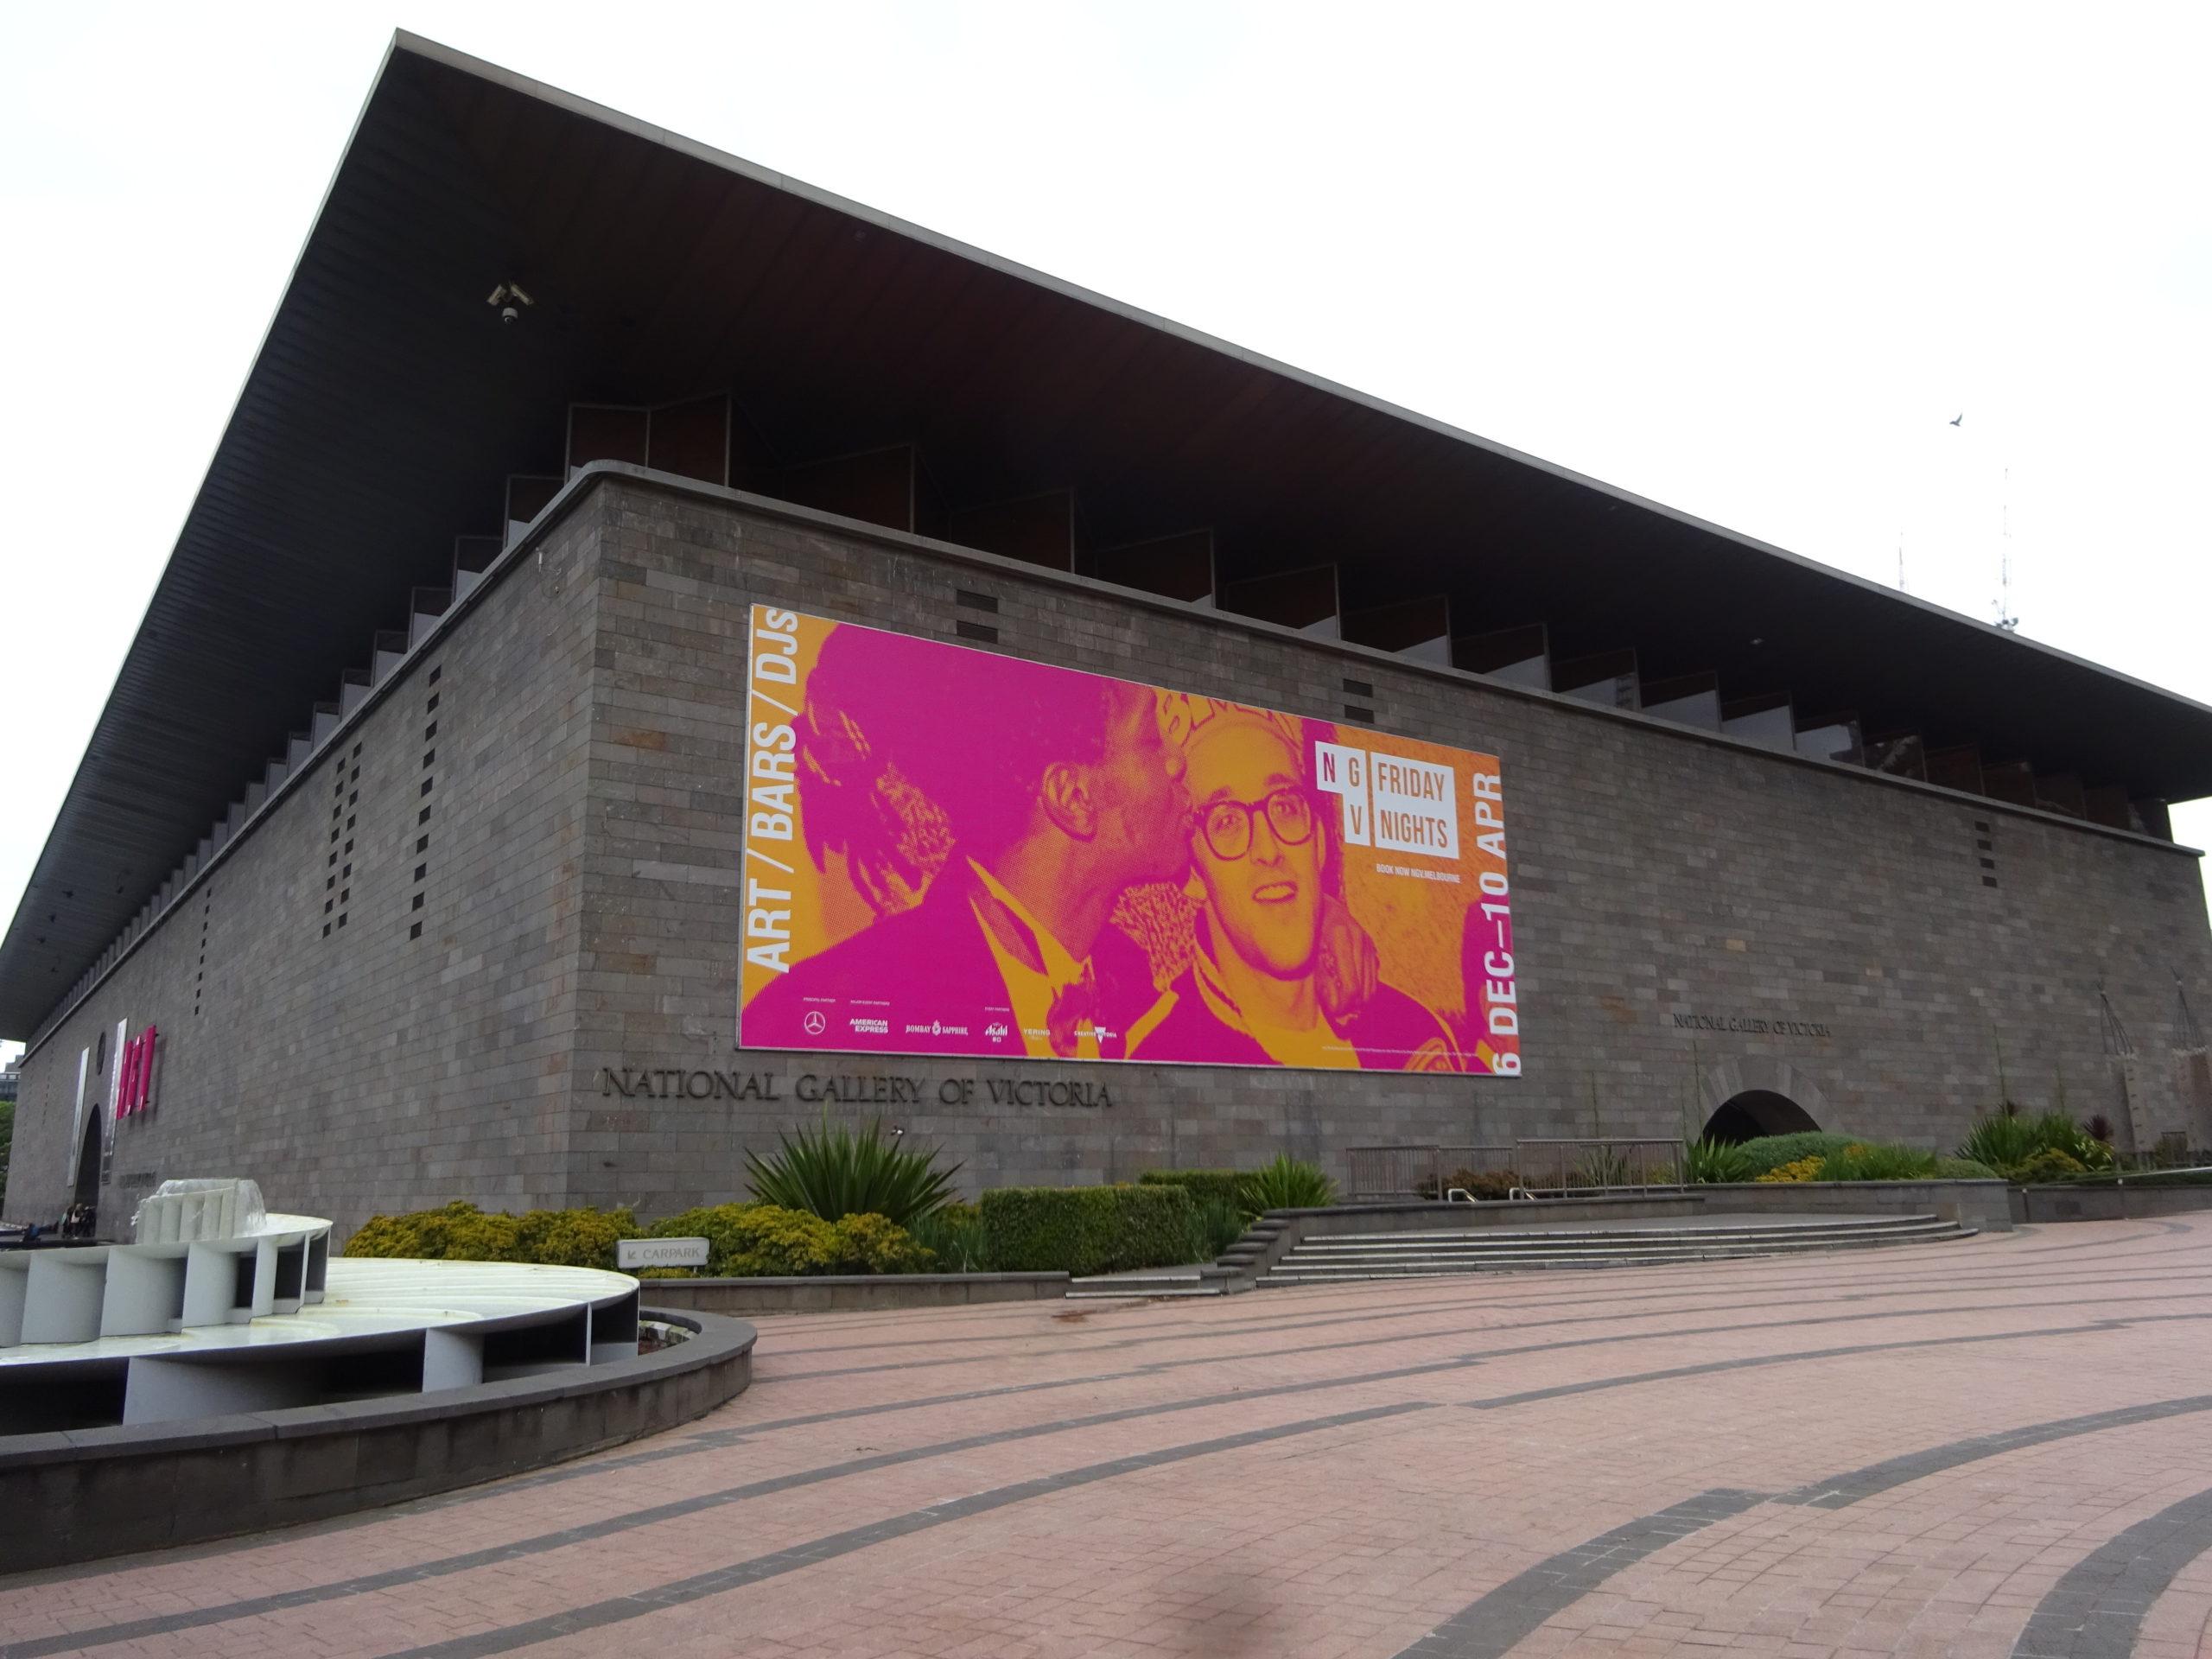 メルボルン【ビクトリア国立美術館(NGV)】